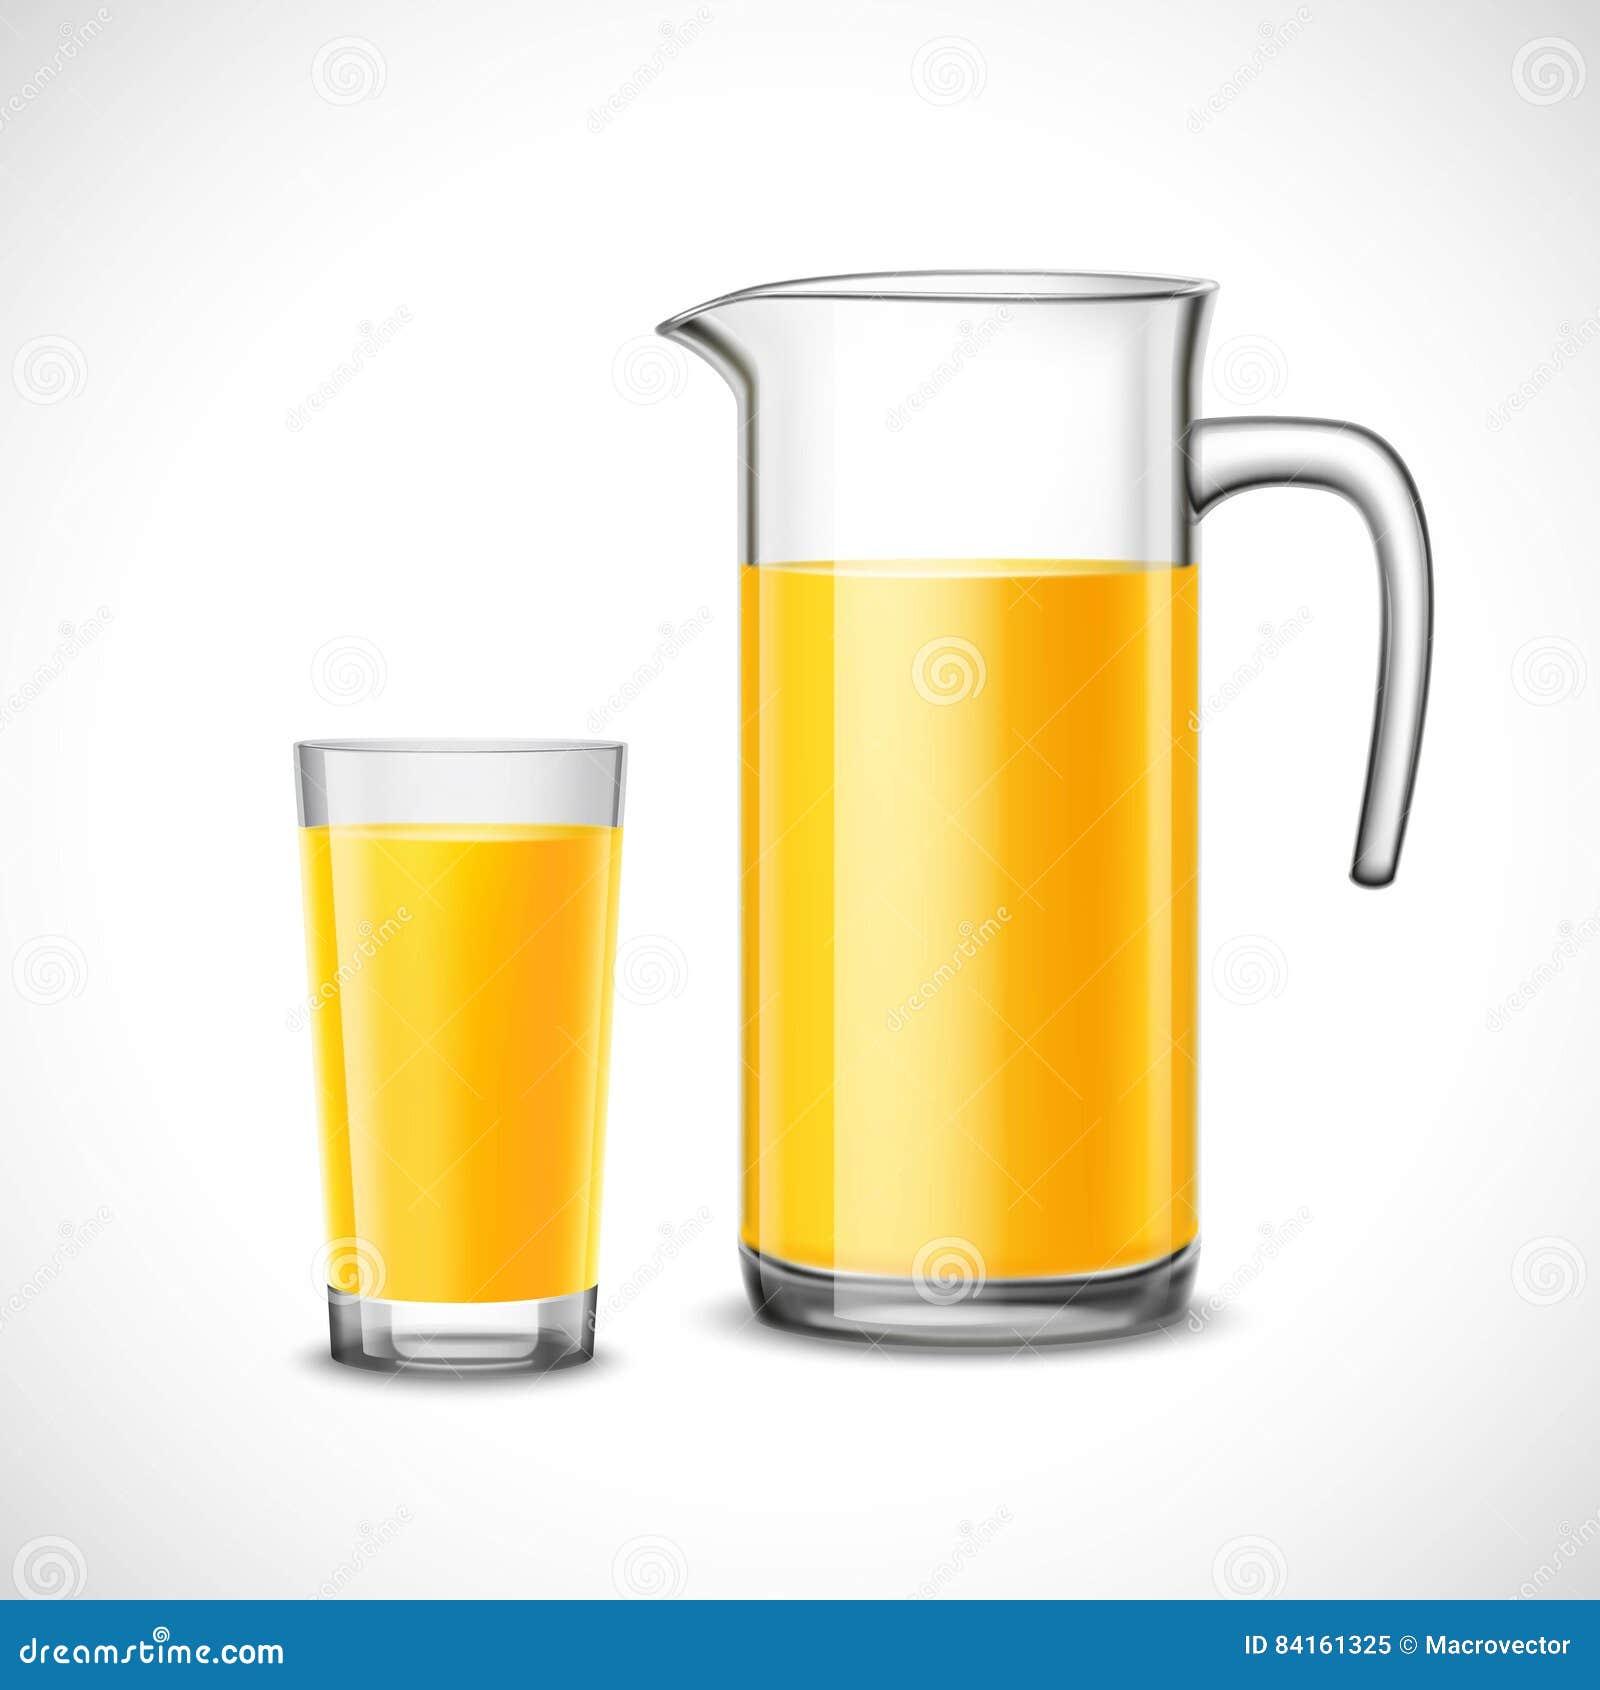 Zumo de naranja en vidrio y jarro